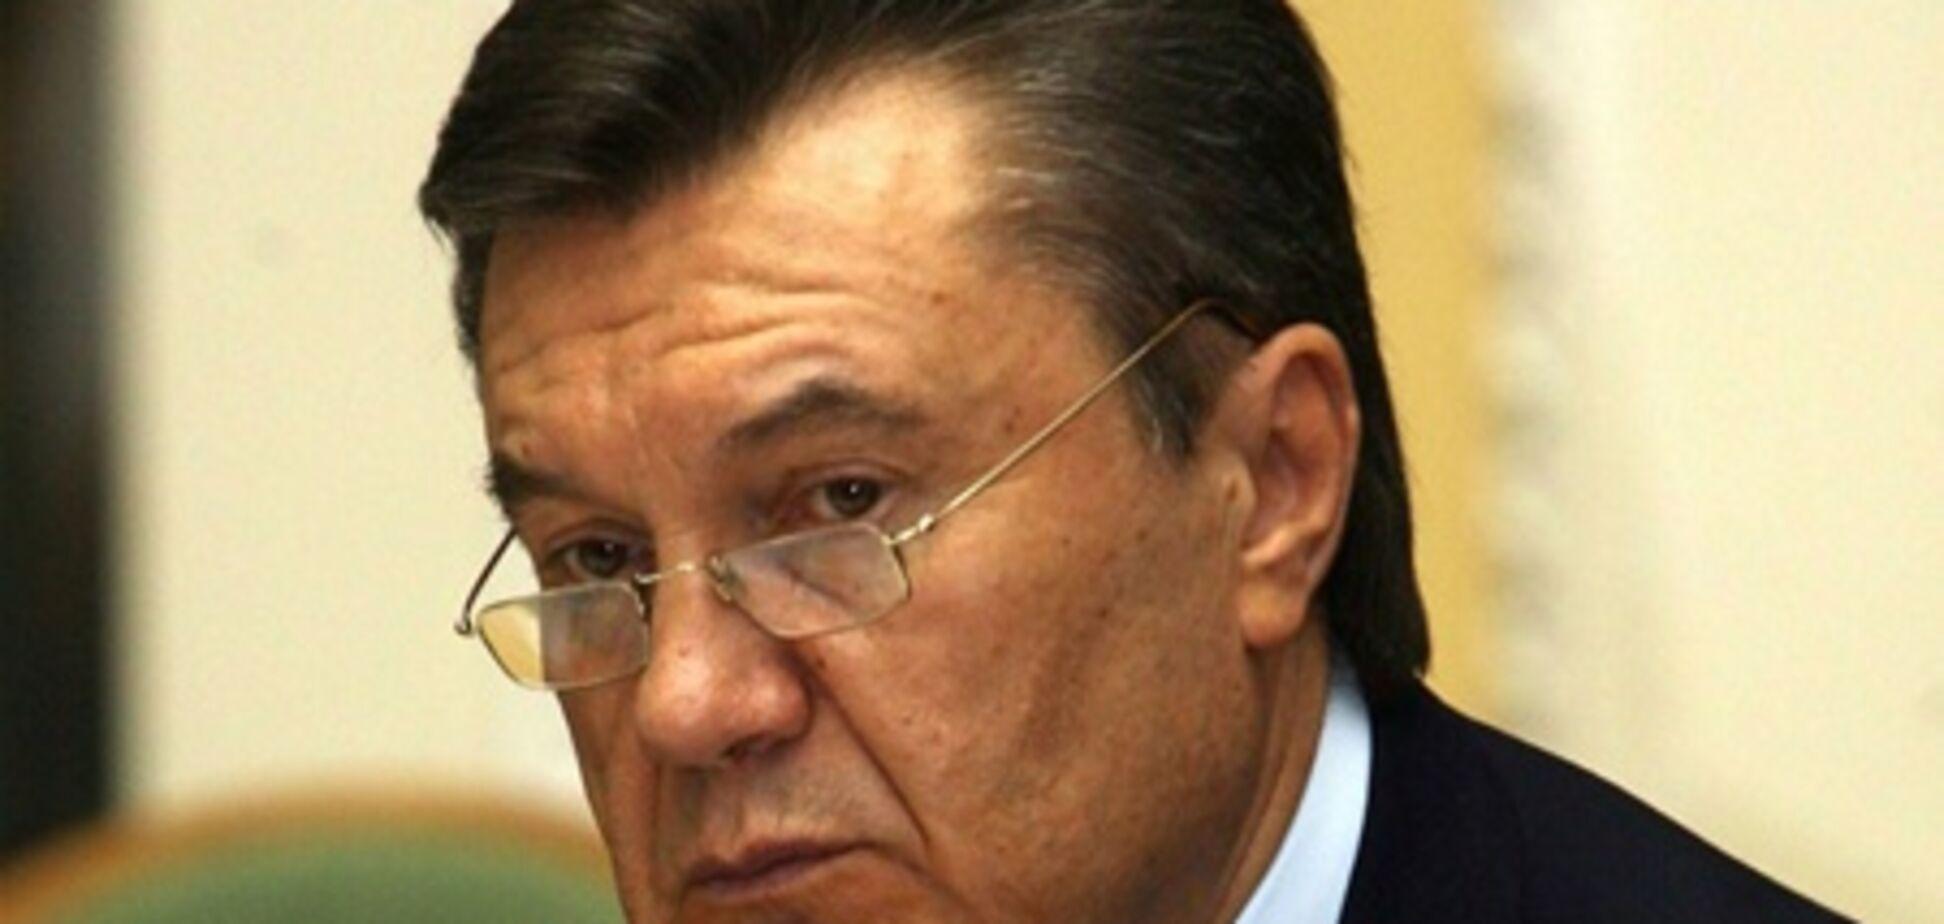 Янукович багато працює над собою - Ніколаєнко